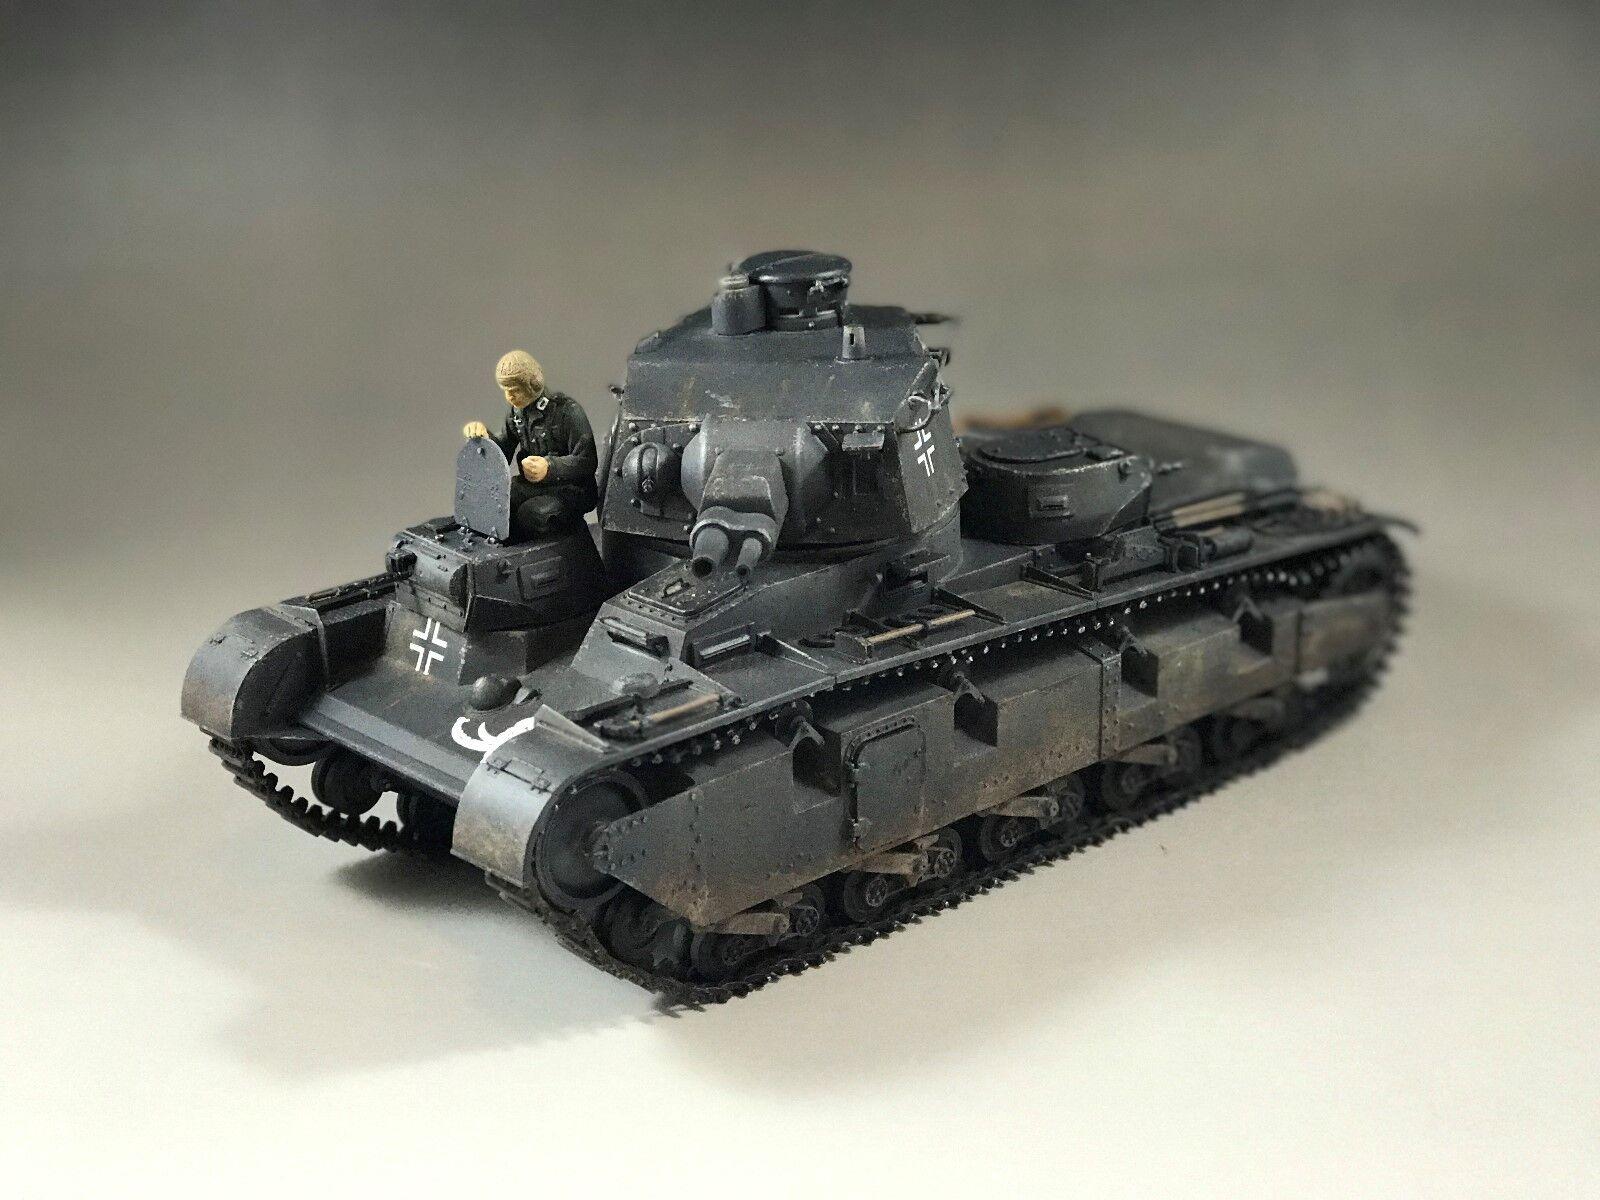 1/35 construido Neubaufahrzeug nbfz multi-torreta tanque (factible pistas & suspensión)